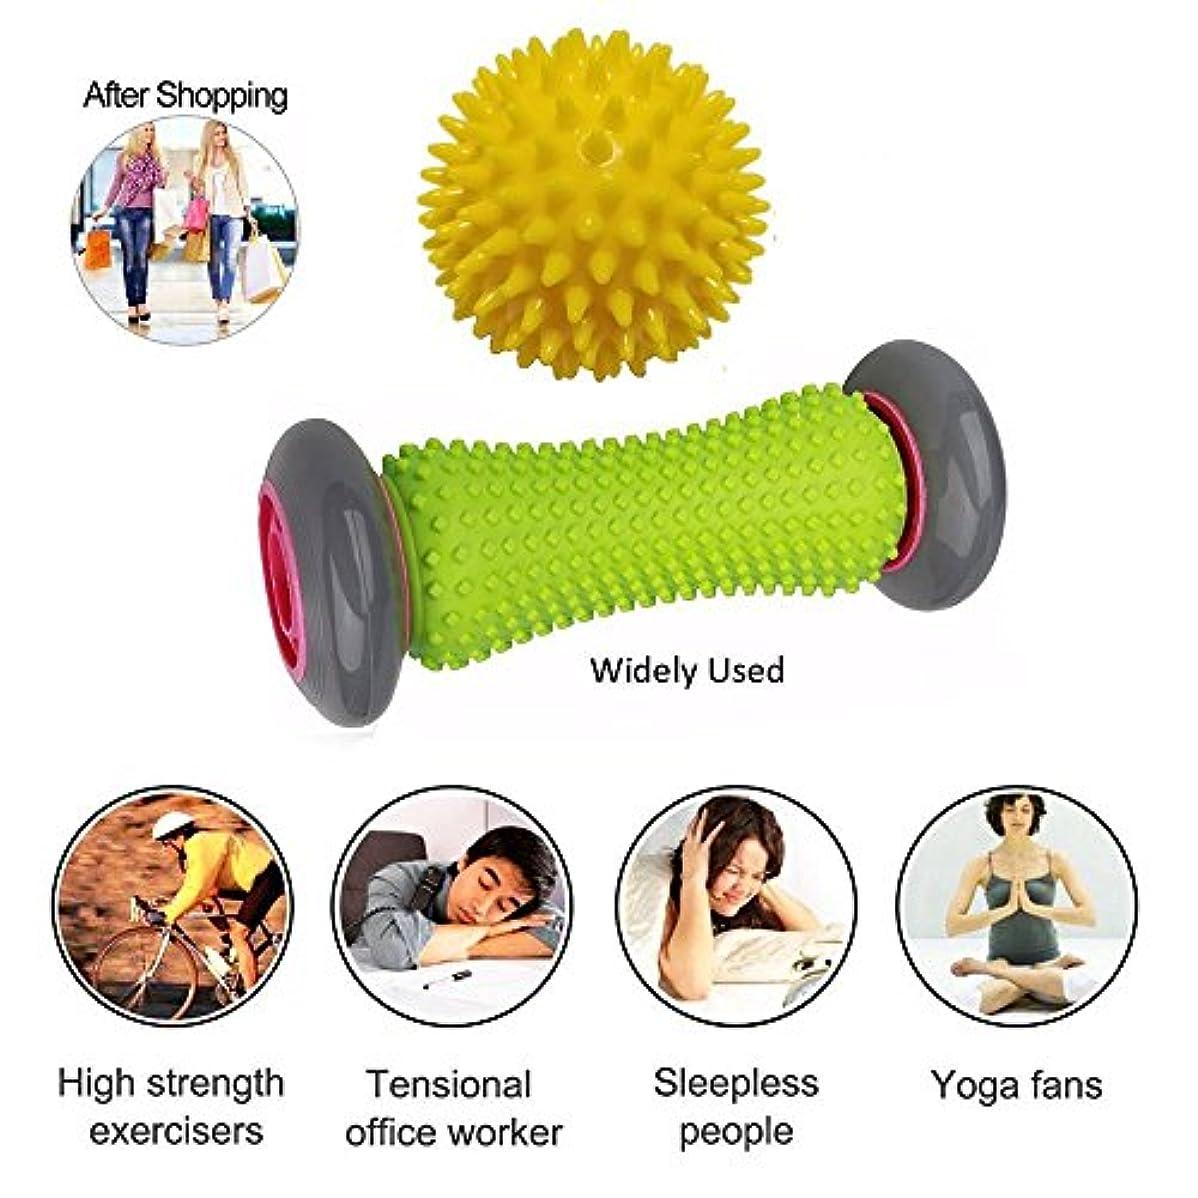 睡眠こどもの日長いですフットマッサージローラー - アメージングモール - 理想的な足の痛みの救済マッサージ - フットマッサージャーのためのヒールスパー - 効果的なローラーの足のローラーマッサージ - 推奨フットマッサージャーランナー -...